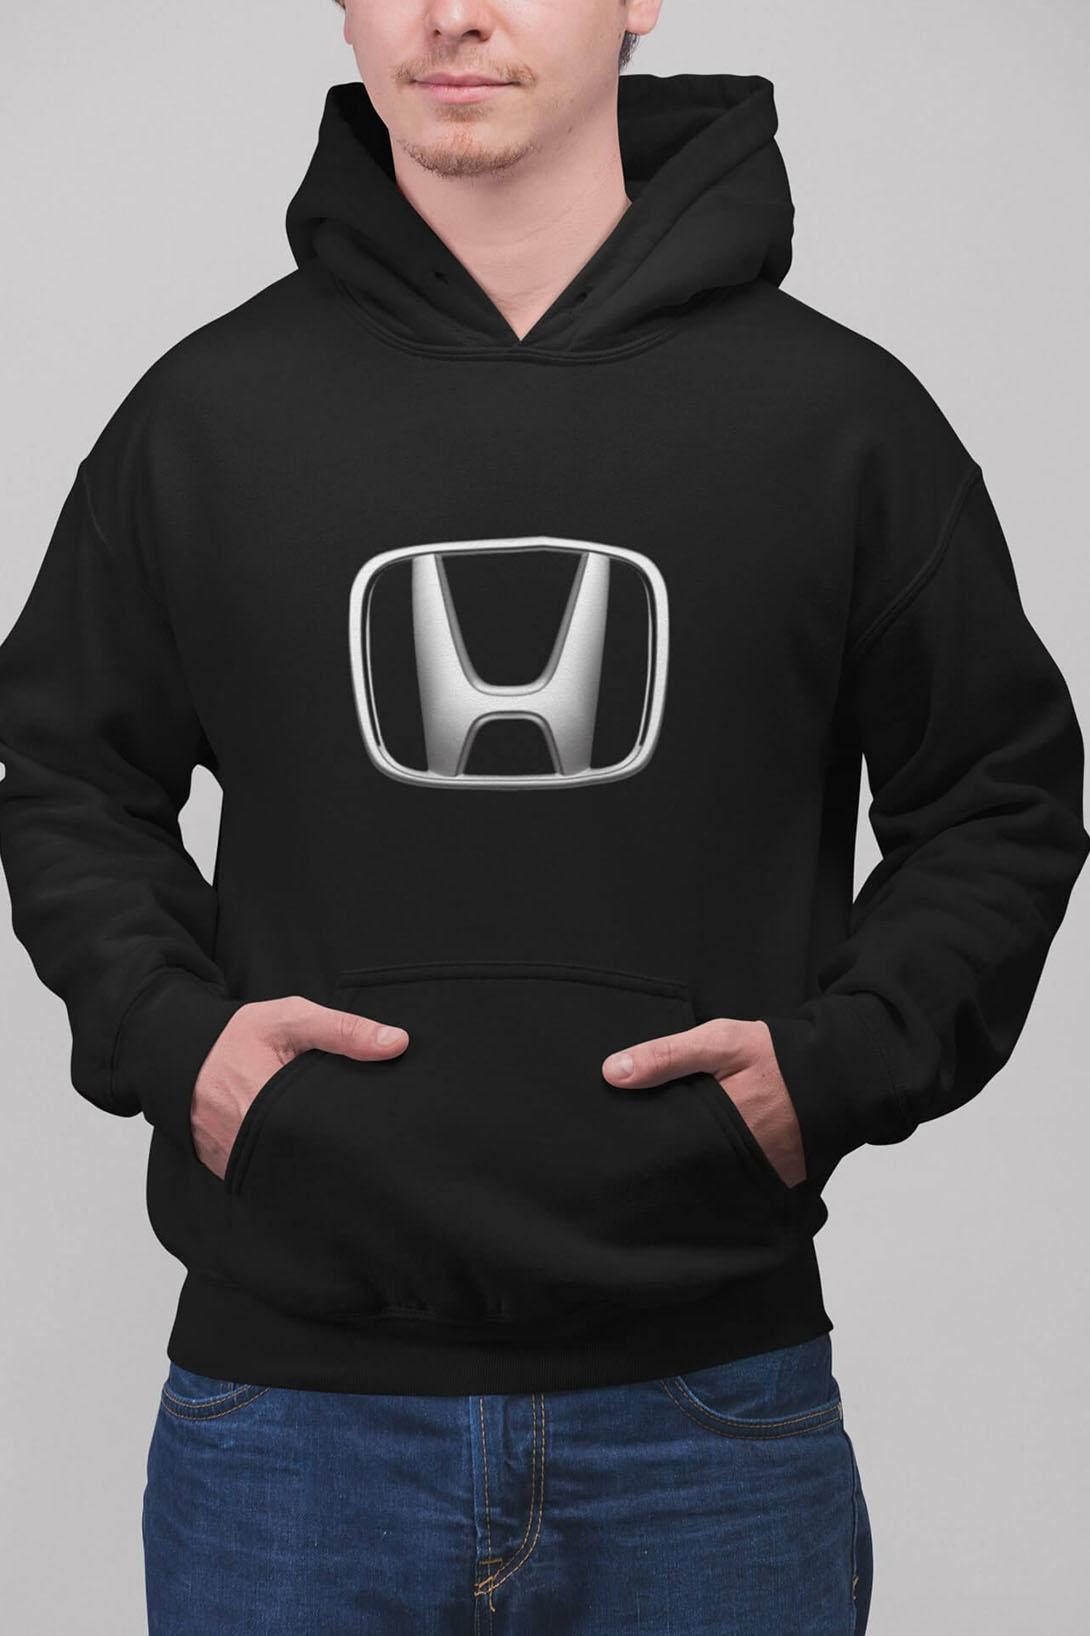 MMO Pánska mikina s logom auta Honda Farba: Čierna, Vyberte farbu:: 2XL